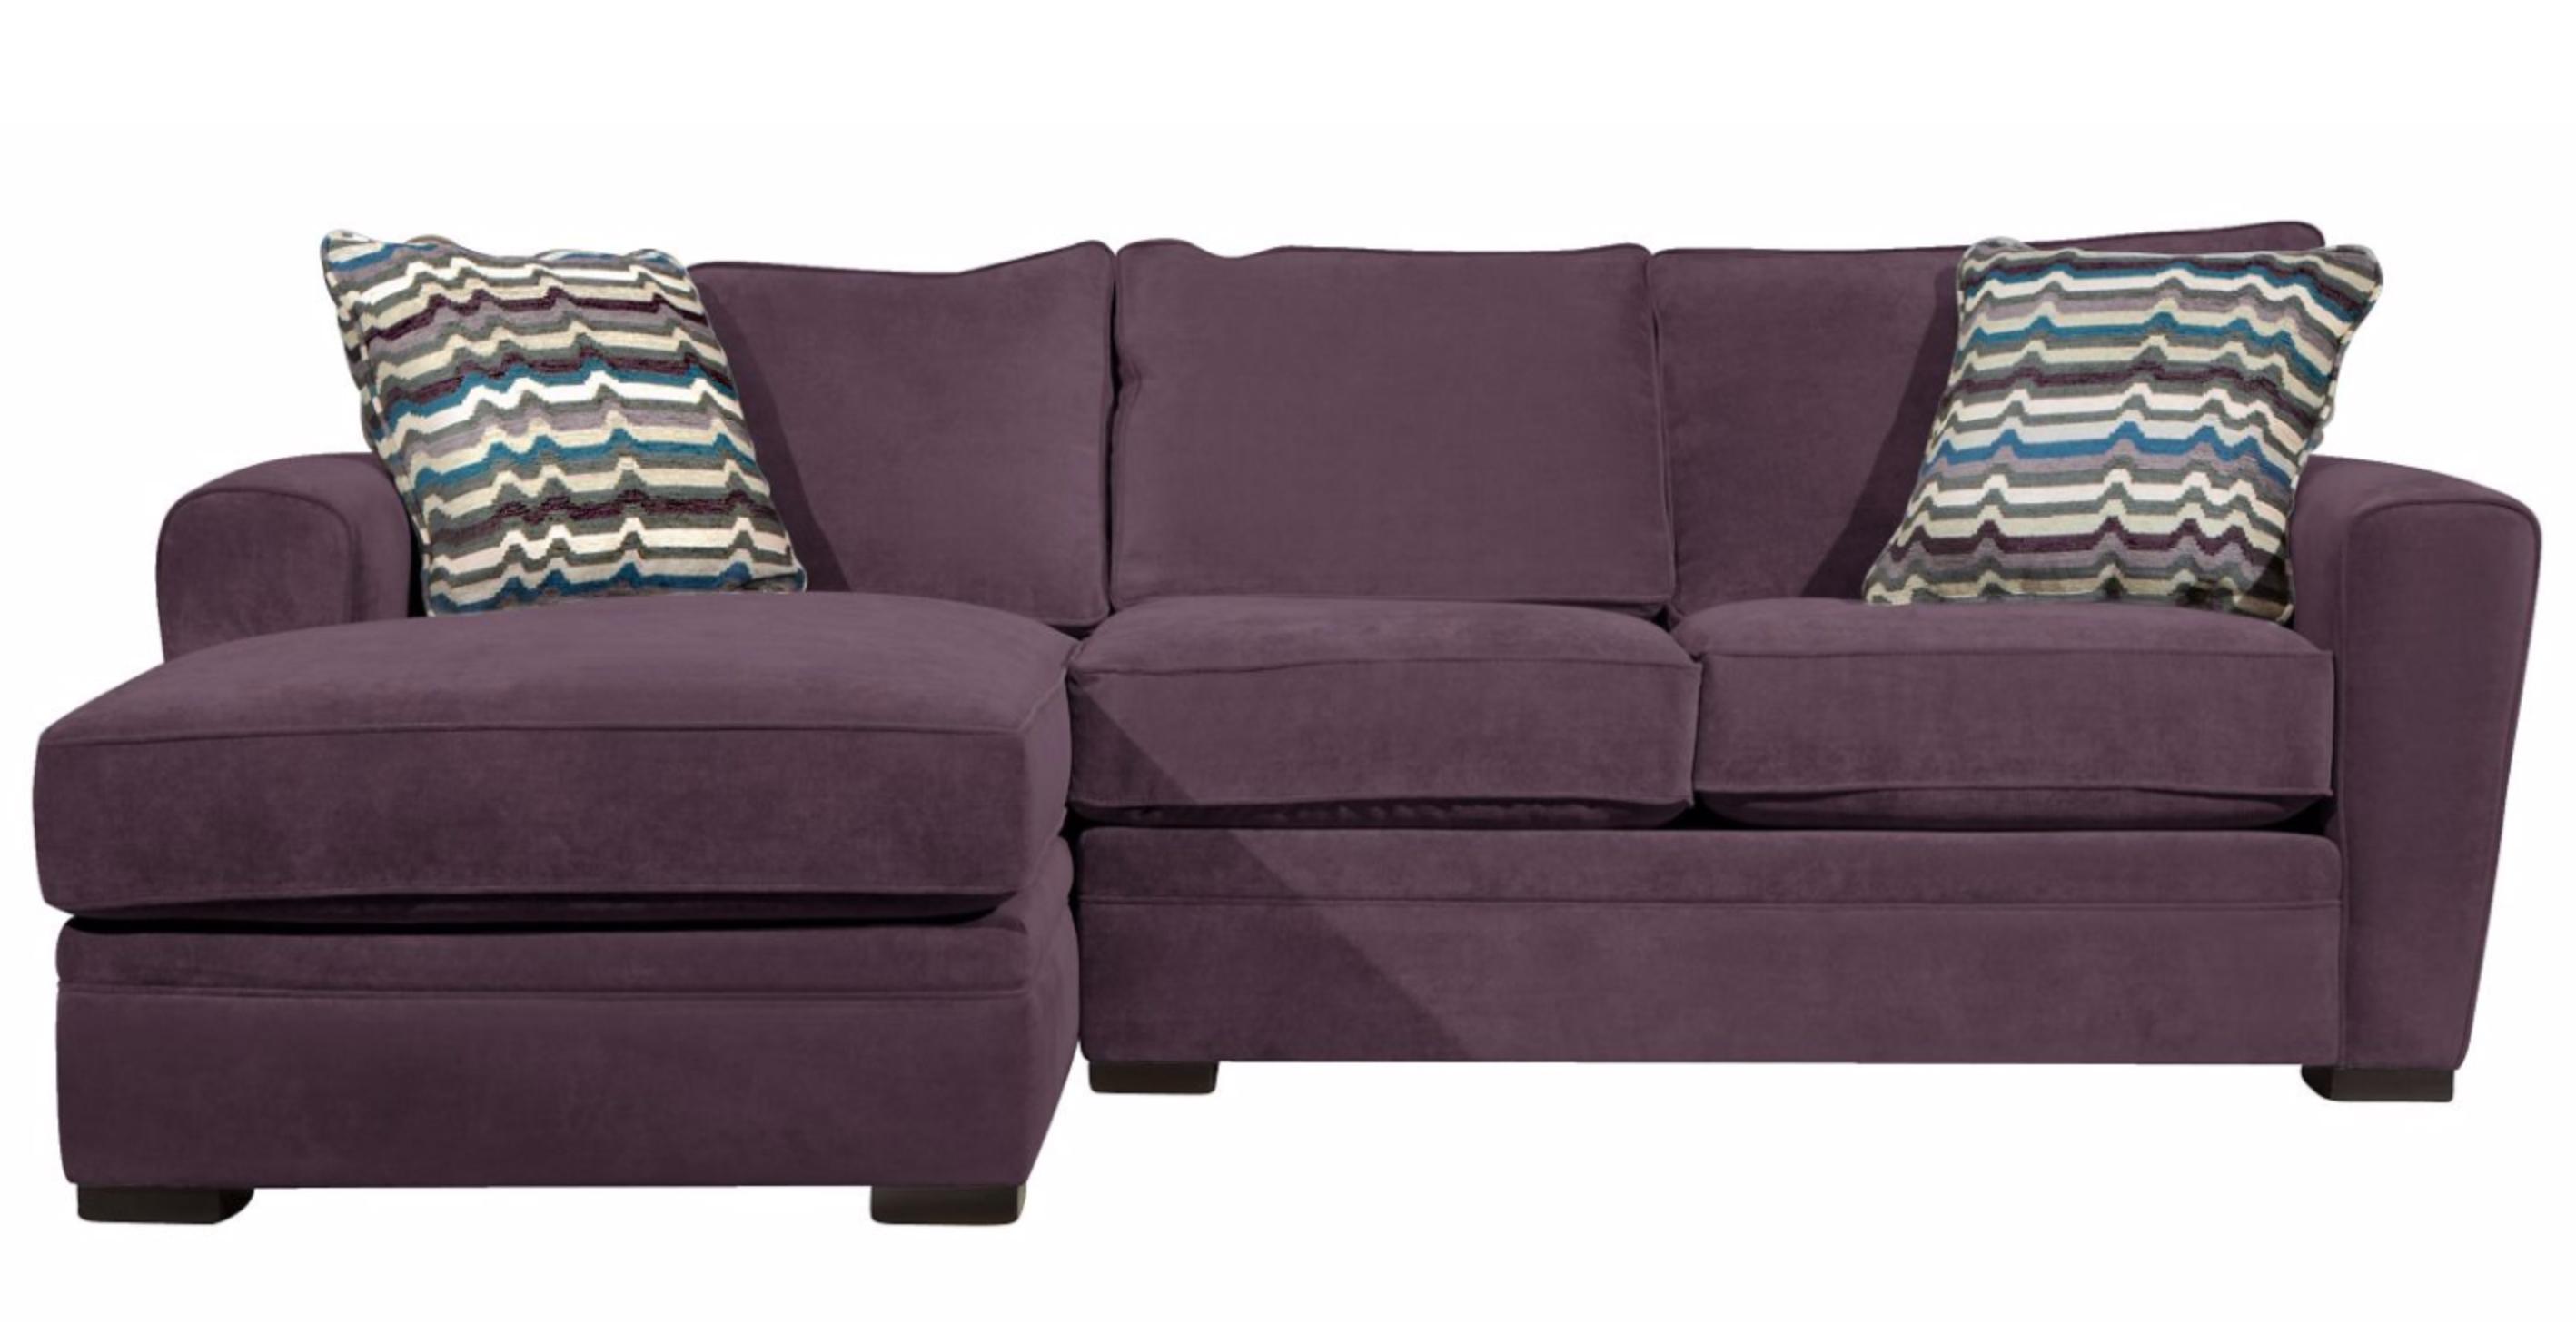 purple sofa 20 best purple sofas - purple furniture QRMXIBC